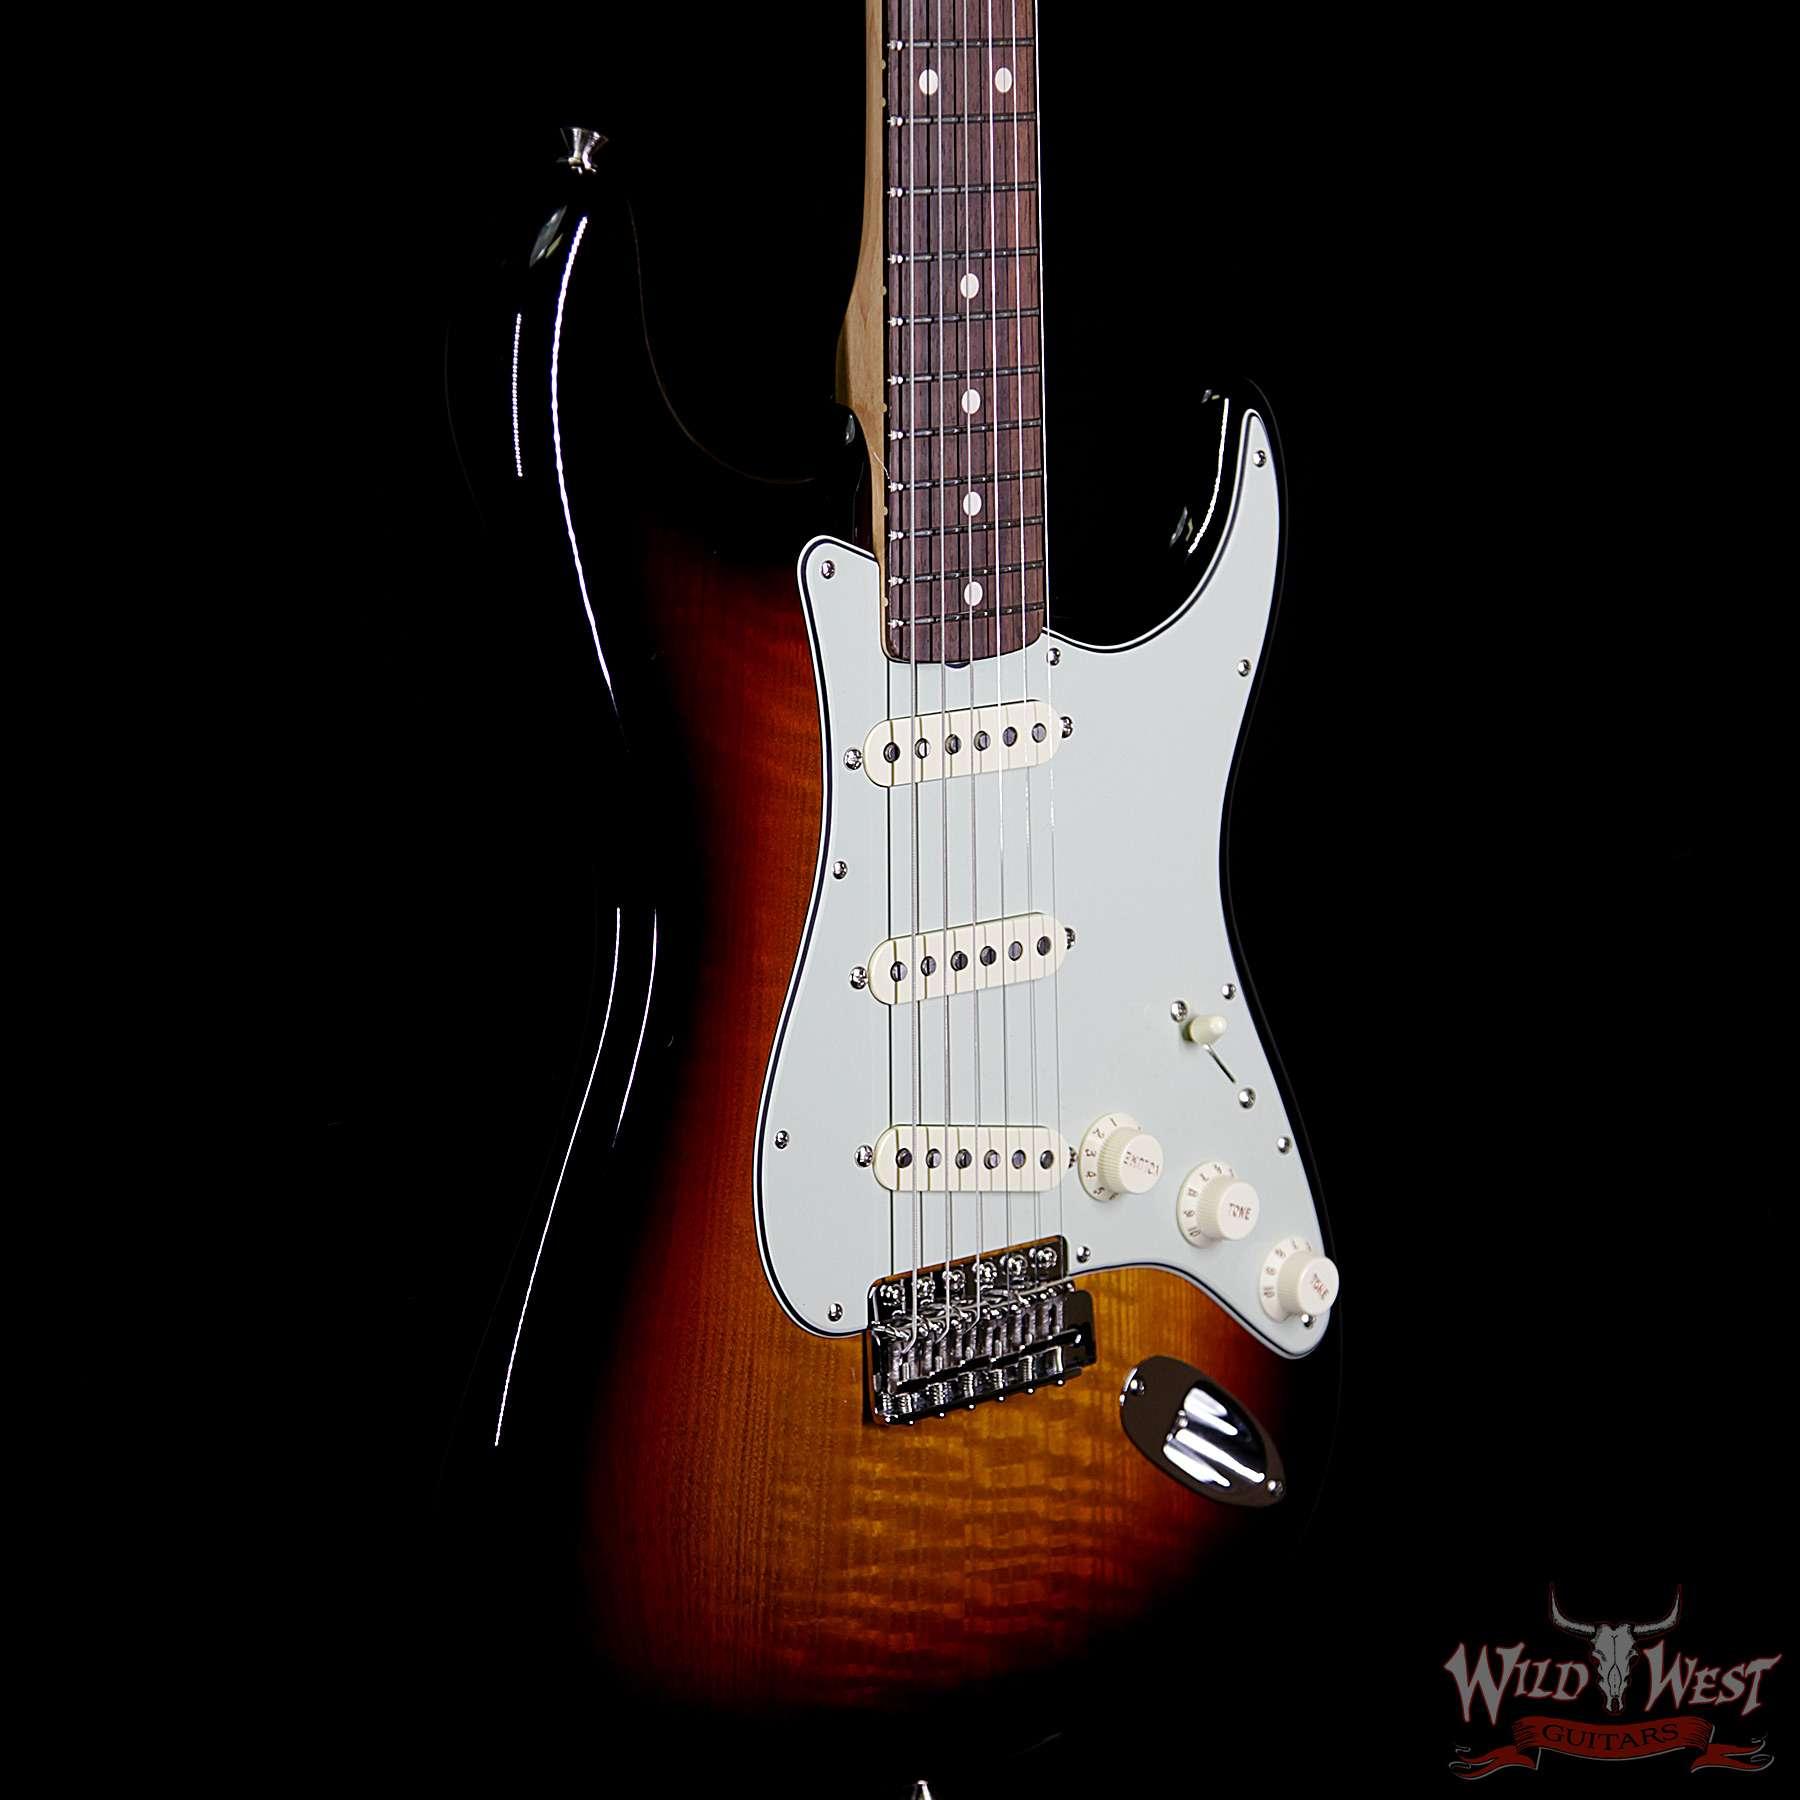 Fender Custom Shop Greg Fessler Masterbuilt Flamed Sassafras 1960  Stratocaster NOS w/ Josefina Pickups 3 Tone Sunburst